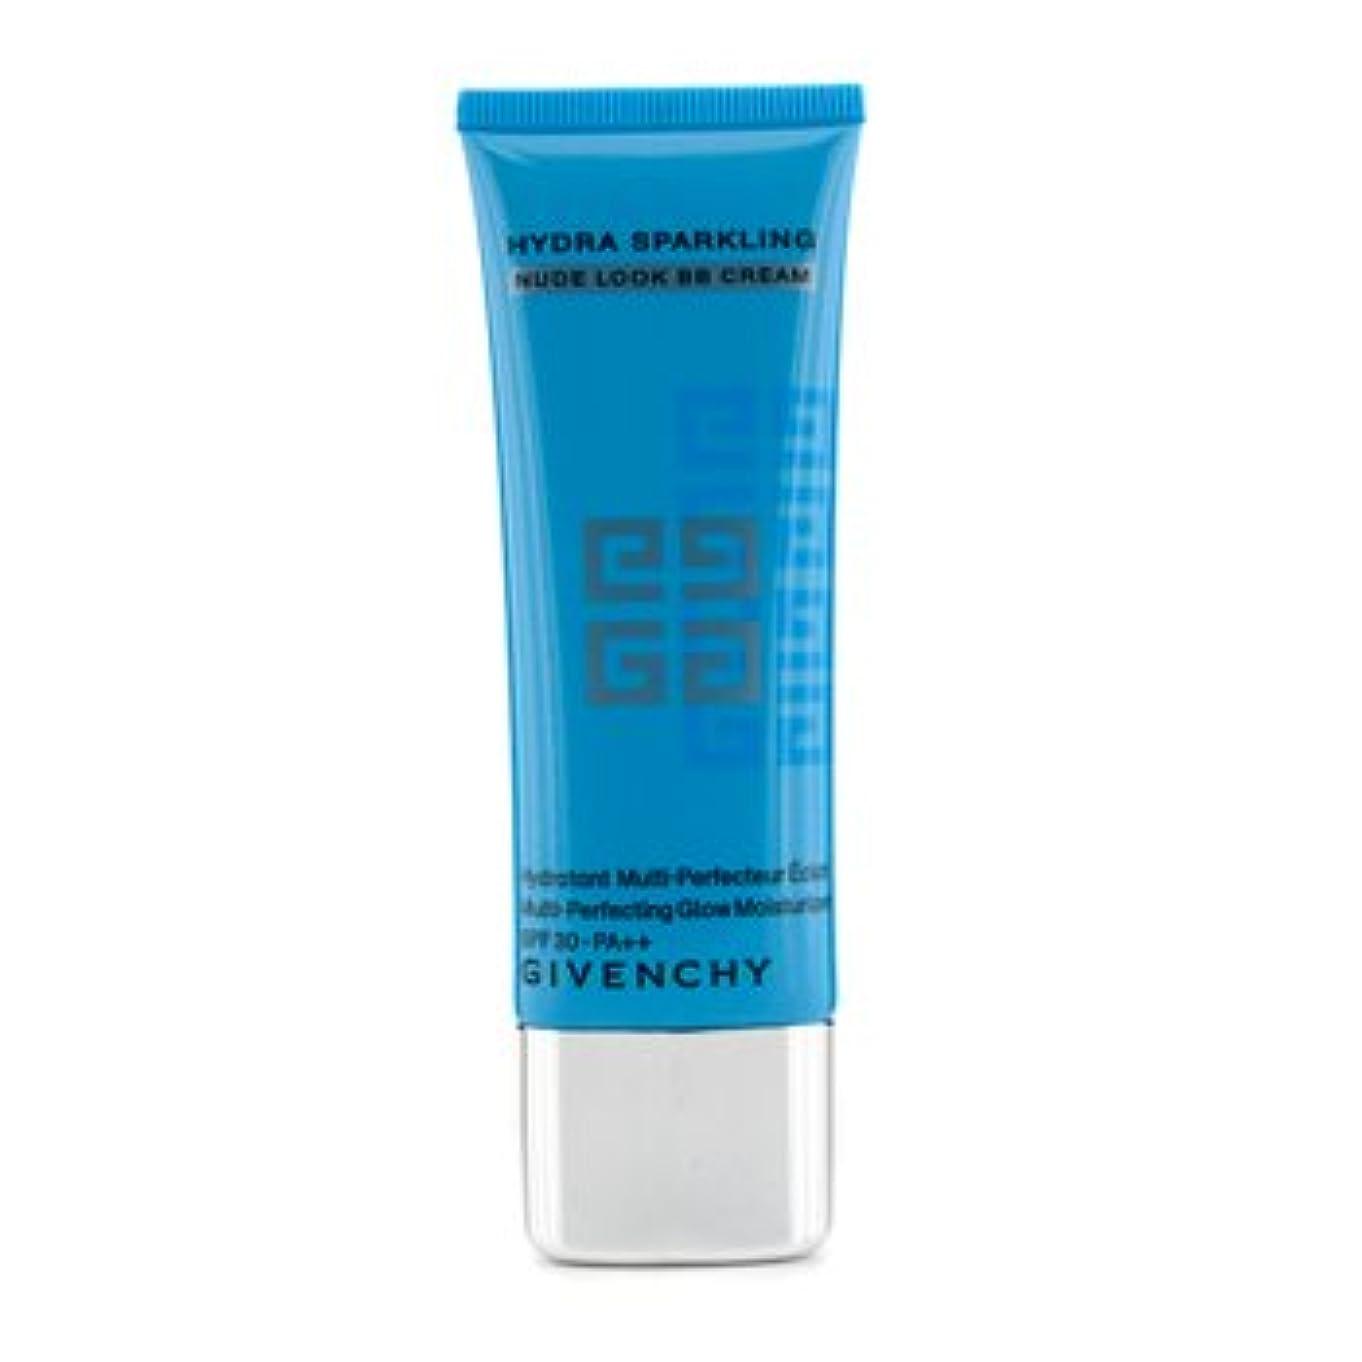 篭再発する起こりやすい[Givenchy] Nude Look BB Cream Multi-Perfecting Glow Moisturizer SPF 30 PA++ 40ml/1.35oz